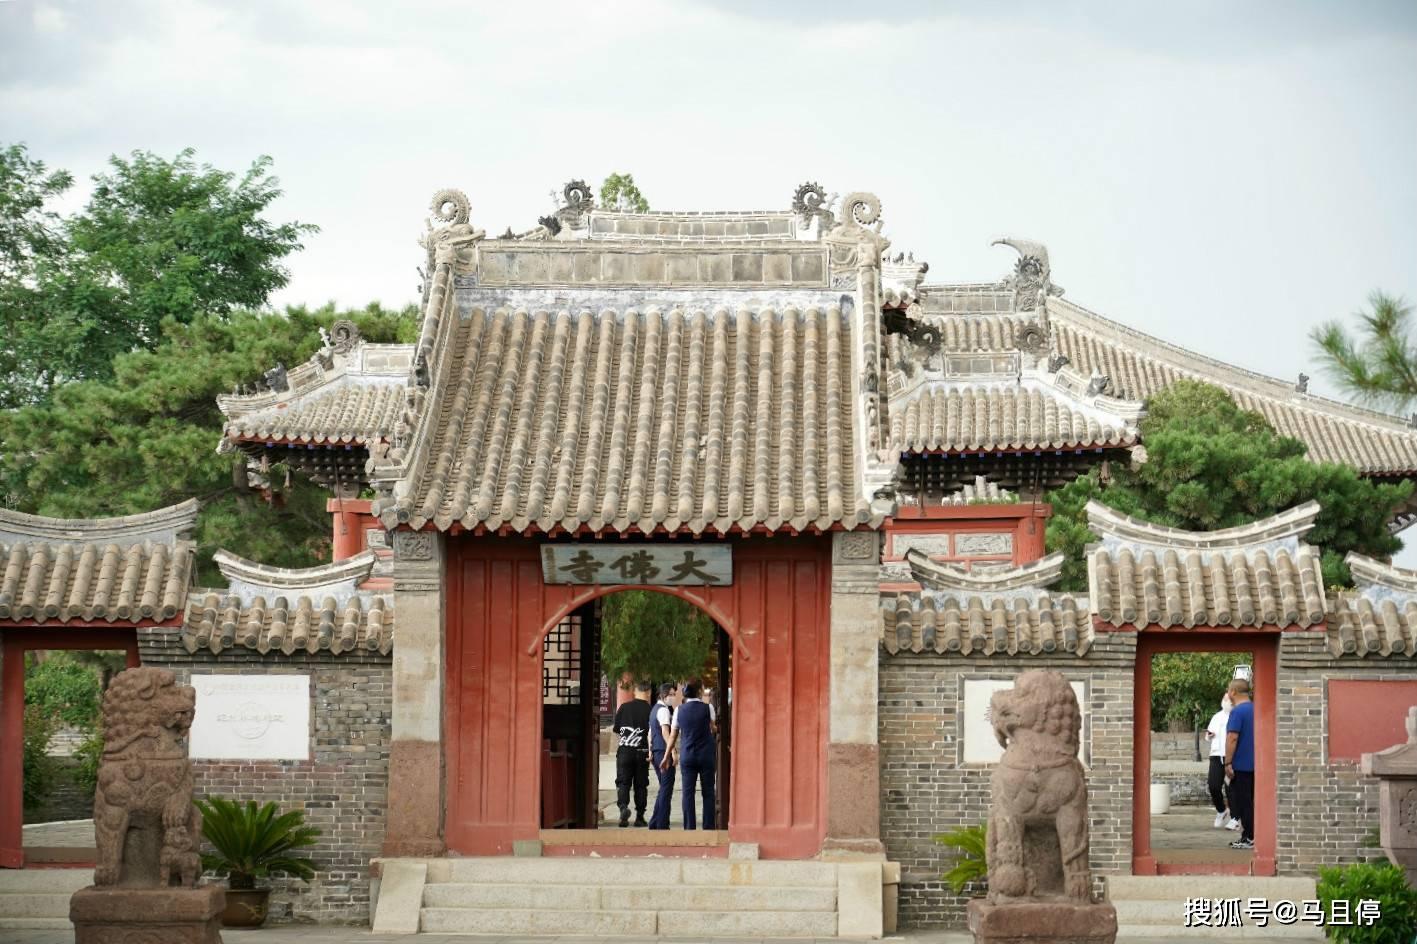 辽宁不起眼的小县,却见证着辽王朝的辉煌,还可看到中国第一佛殿  第6张